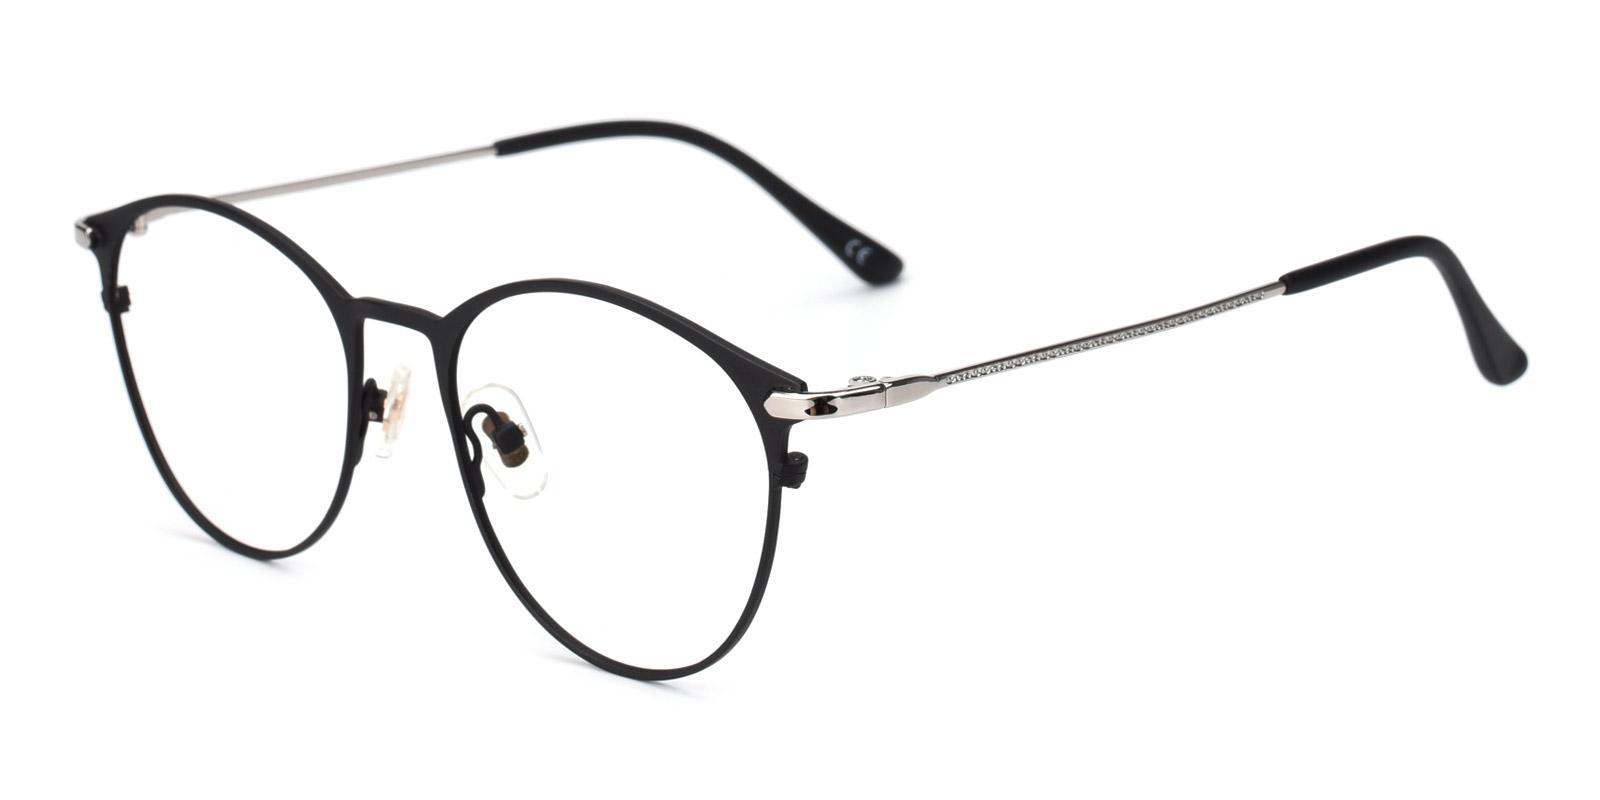 Gosse-Black-Oval-Metal-Eyeglasses-detail